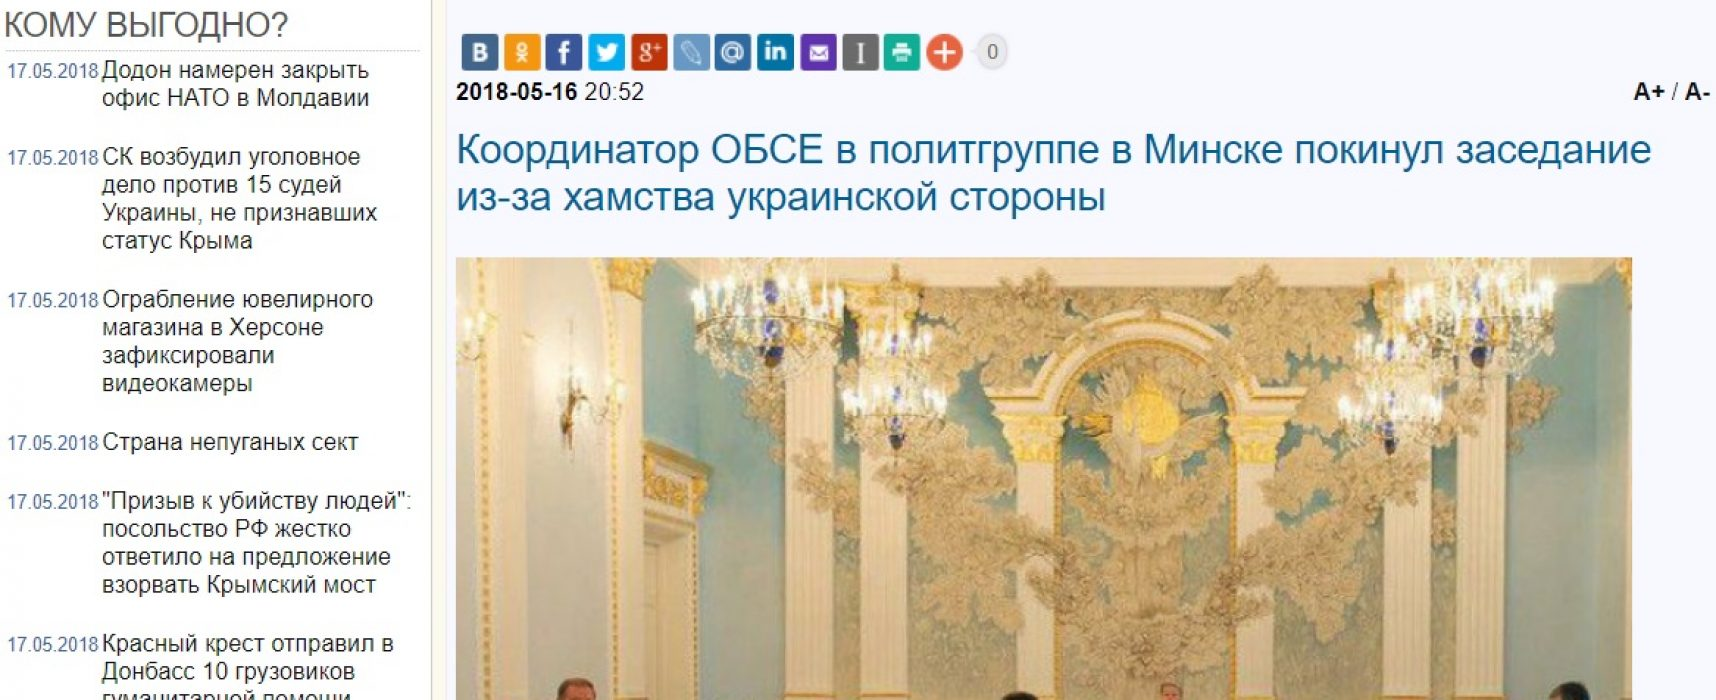 Фейк: Координаторът на ОССЕ напуснал заседанието в Минск заради заплахите на киевските политици